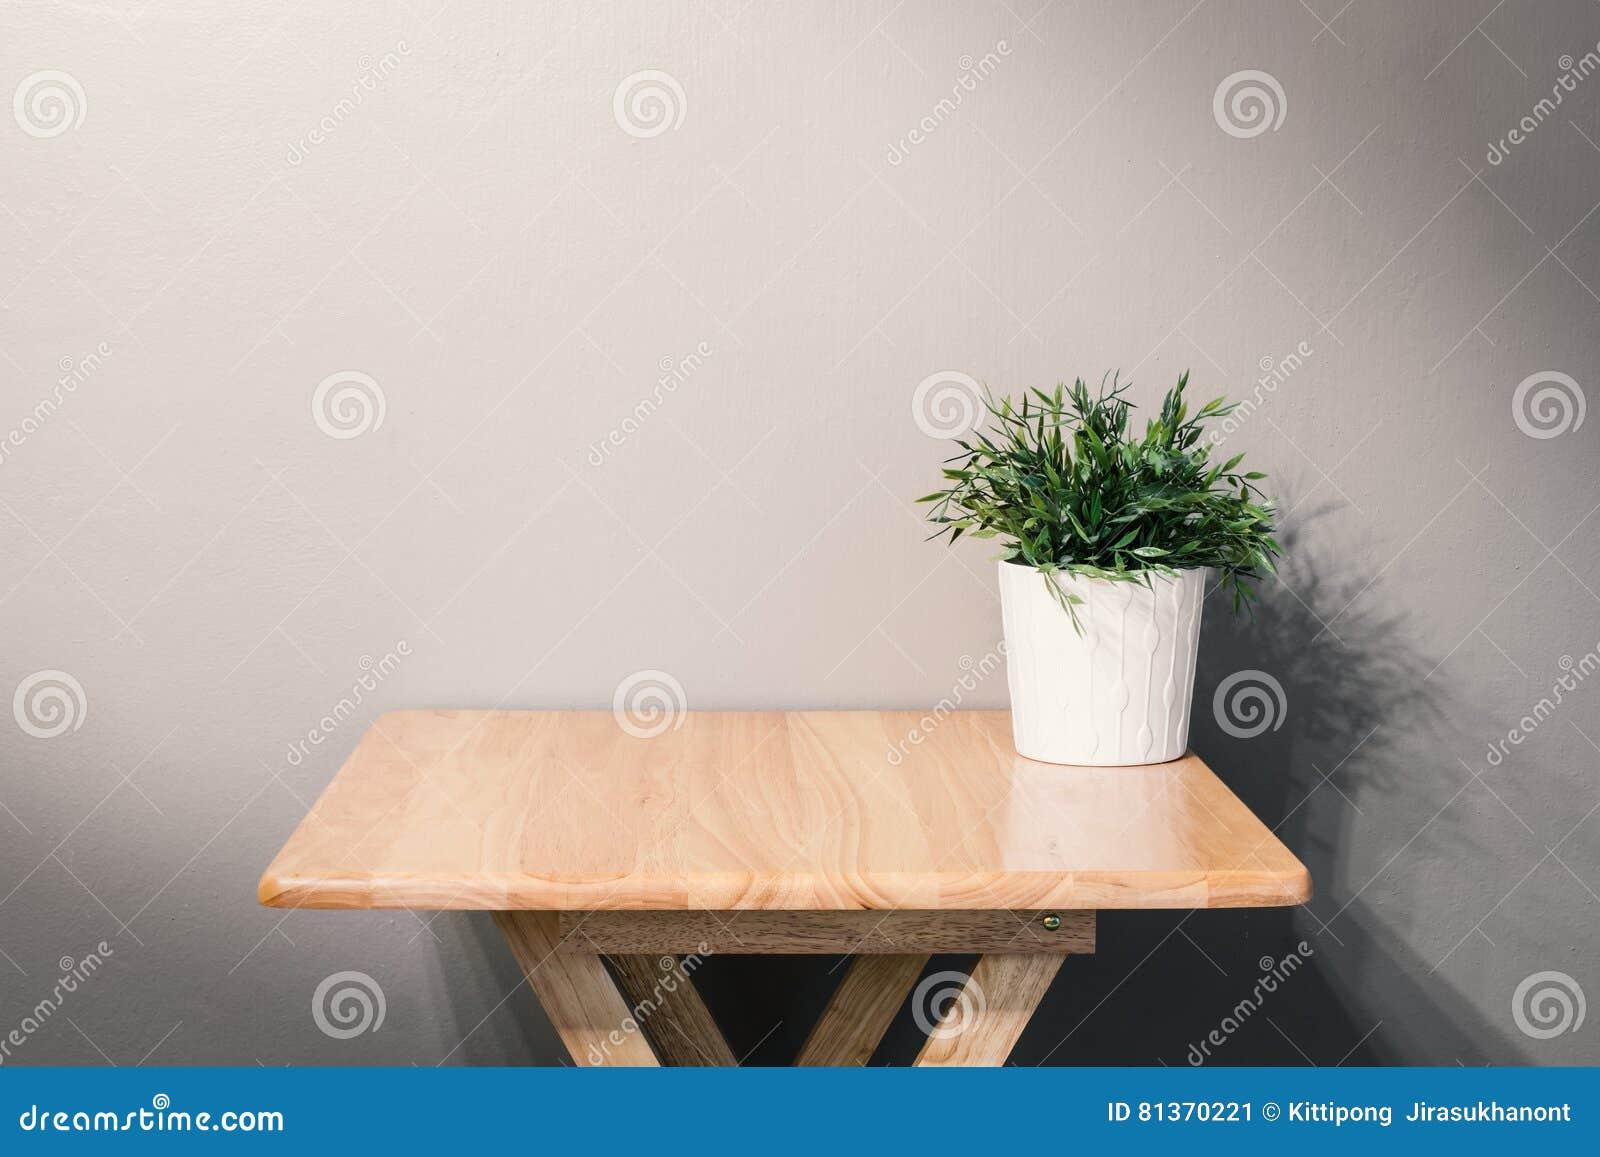 Pot Plante En Bois table en bois vide avec la plante en pot image stock - image